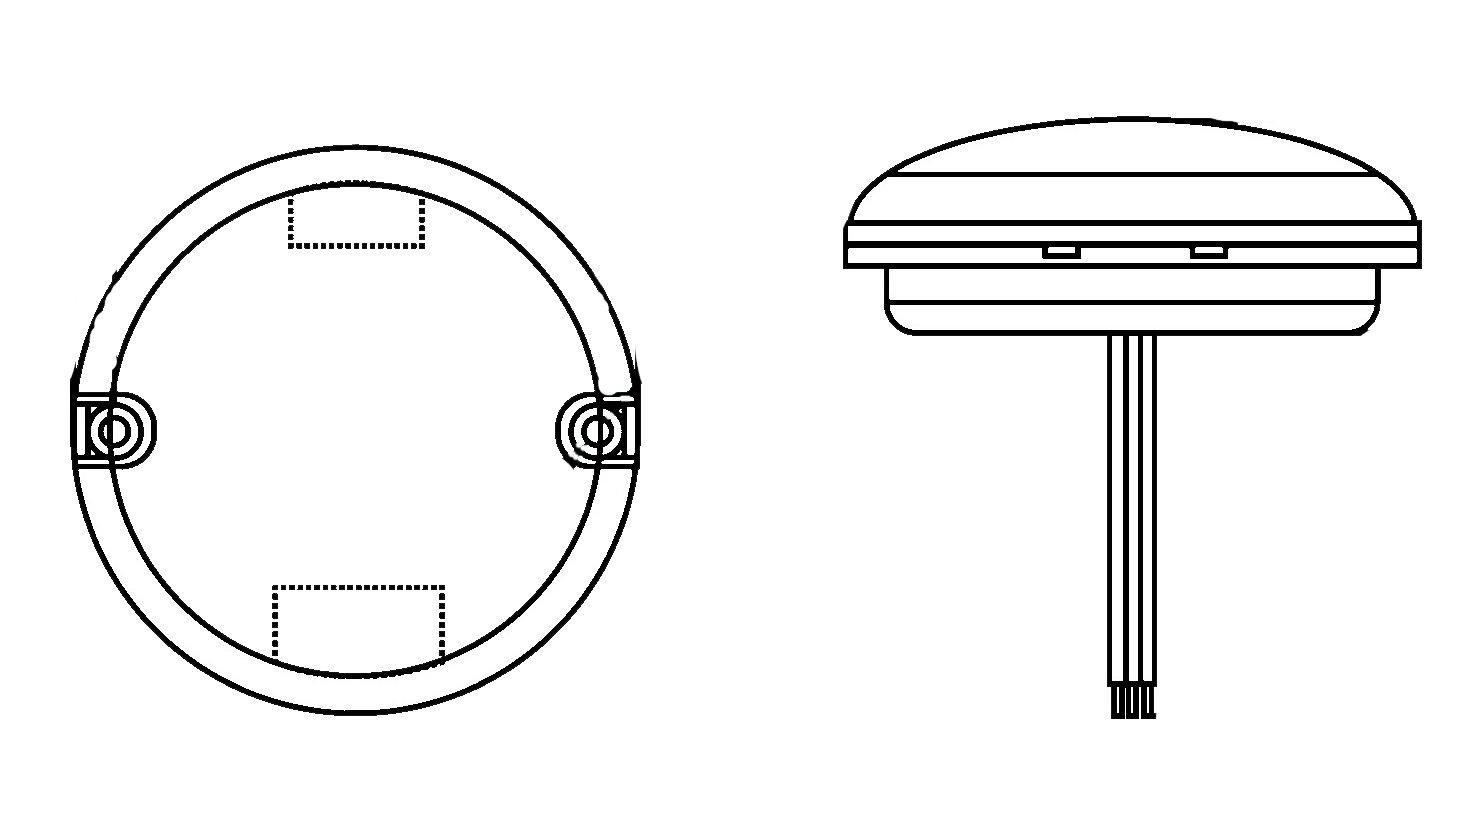 HELLA 1G0 357 000-001 Arbeitsscheinwerfer HELLA VALUEFIT für Nahfeldausleuchtung, 600 Lumen, Anbau, oval, LED, 12V/24V Hella KGaA Hueck & Co.